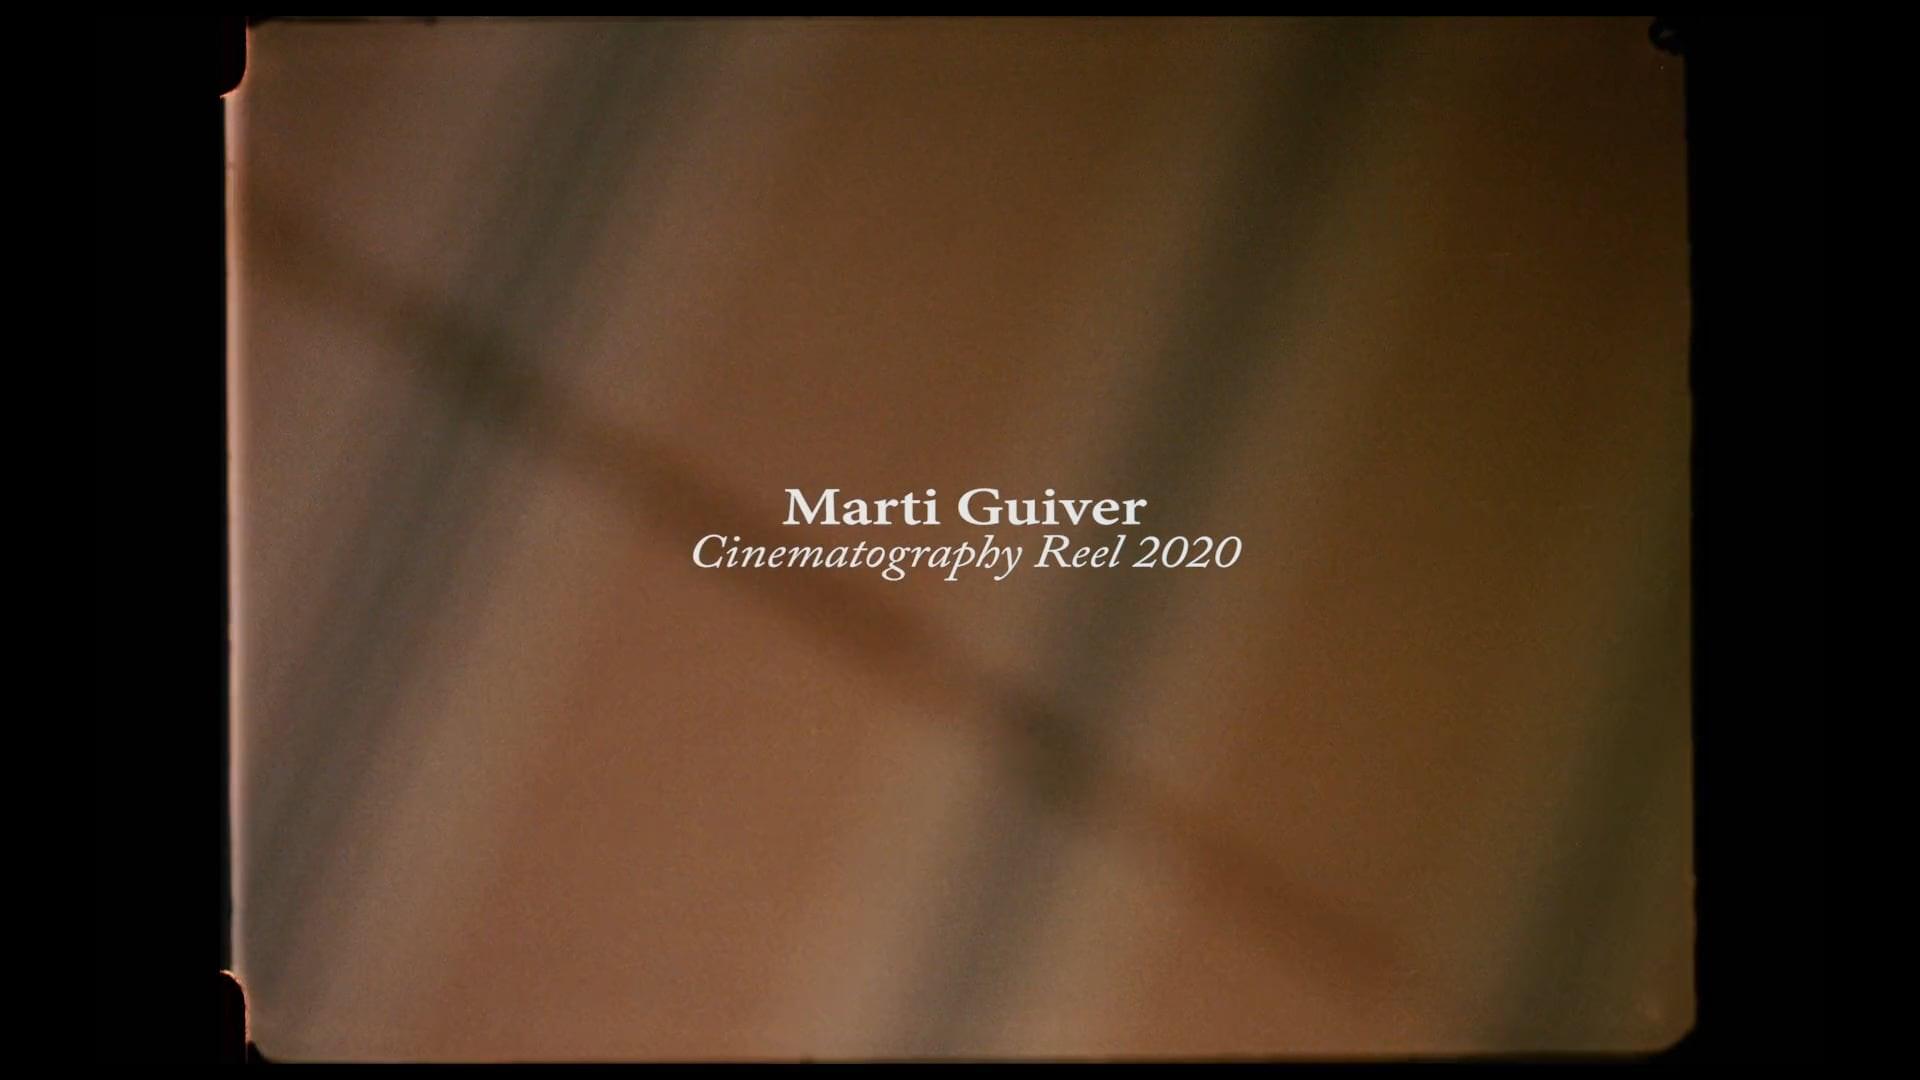 Marti Guiver Cinematographer Showreel 2020